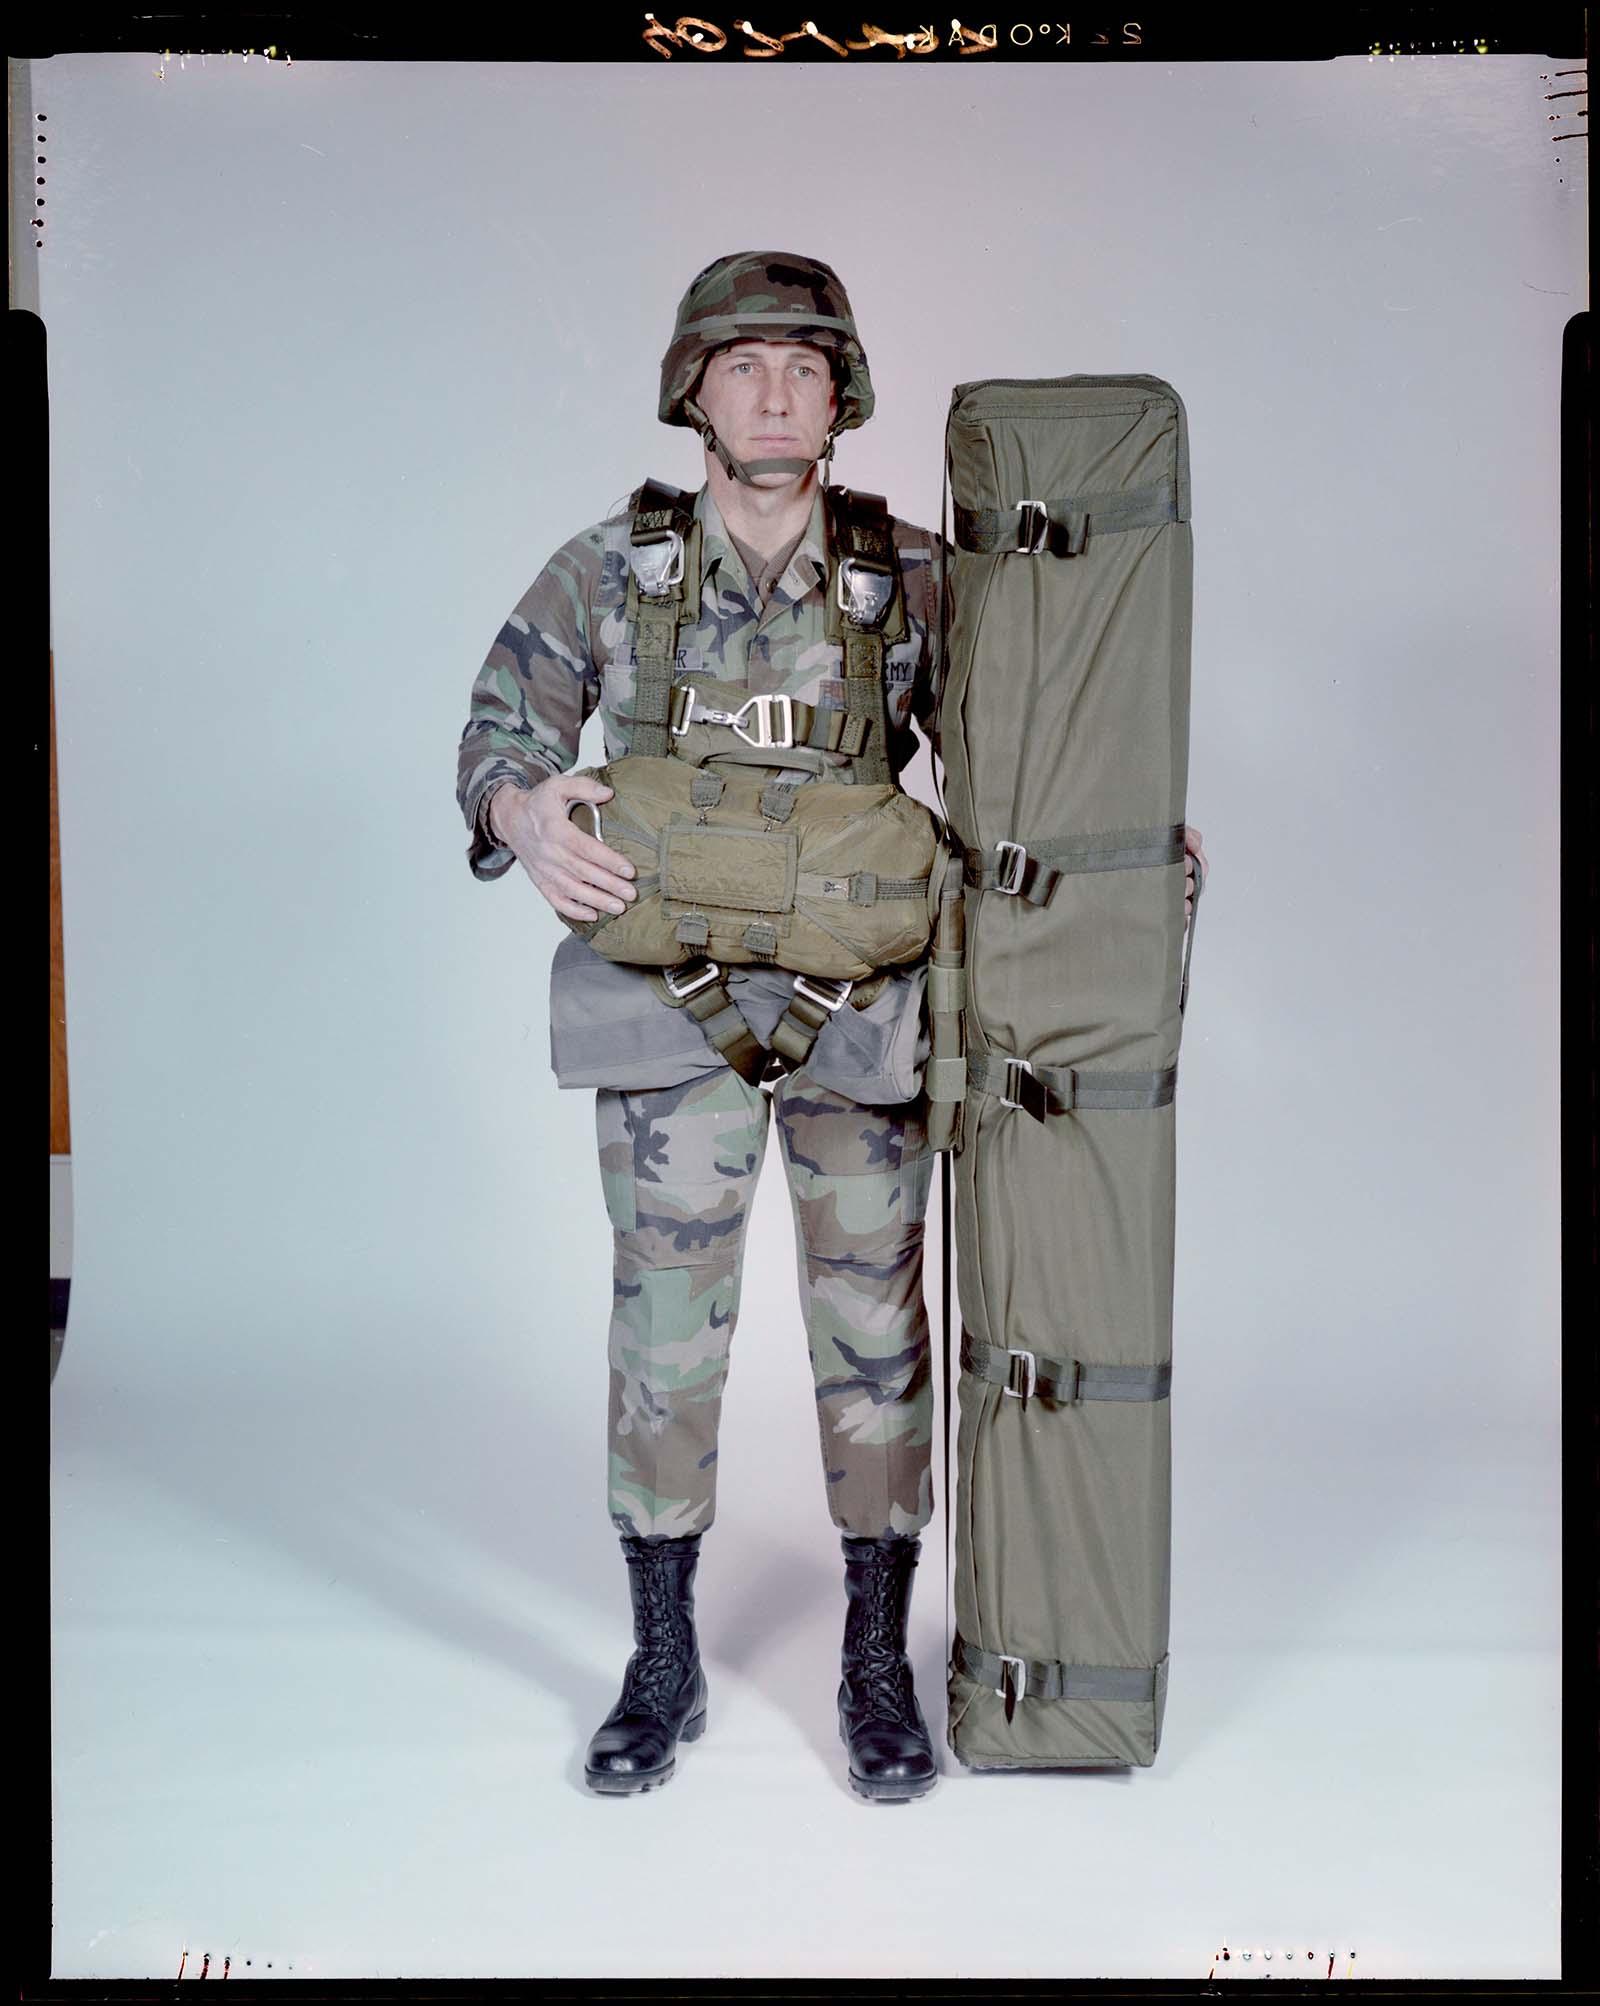 ADEL (AMEL), stinger missile jump pack.